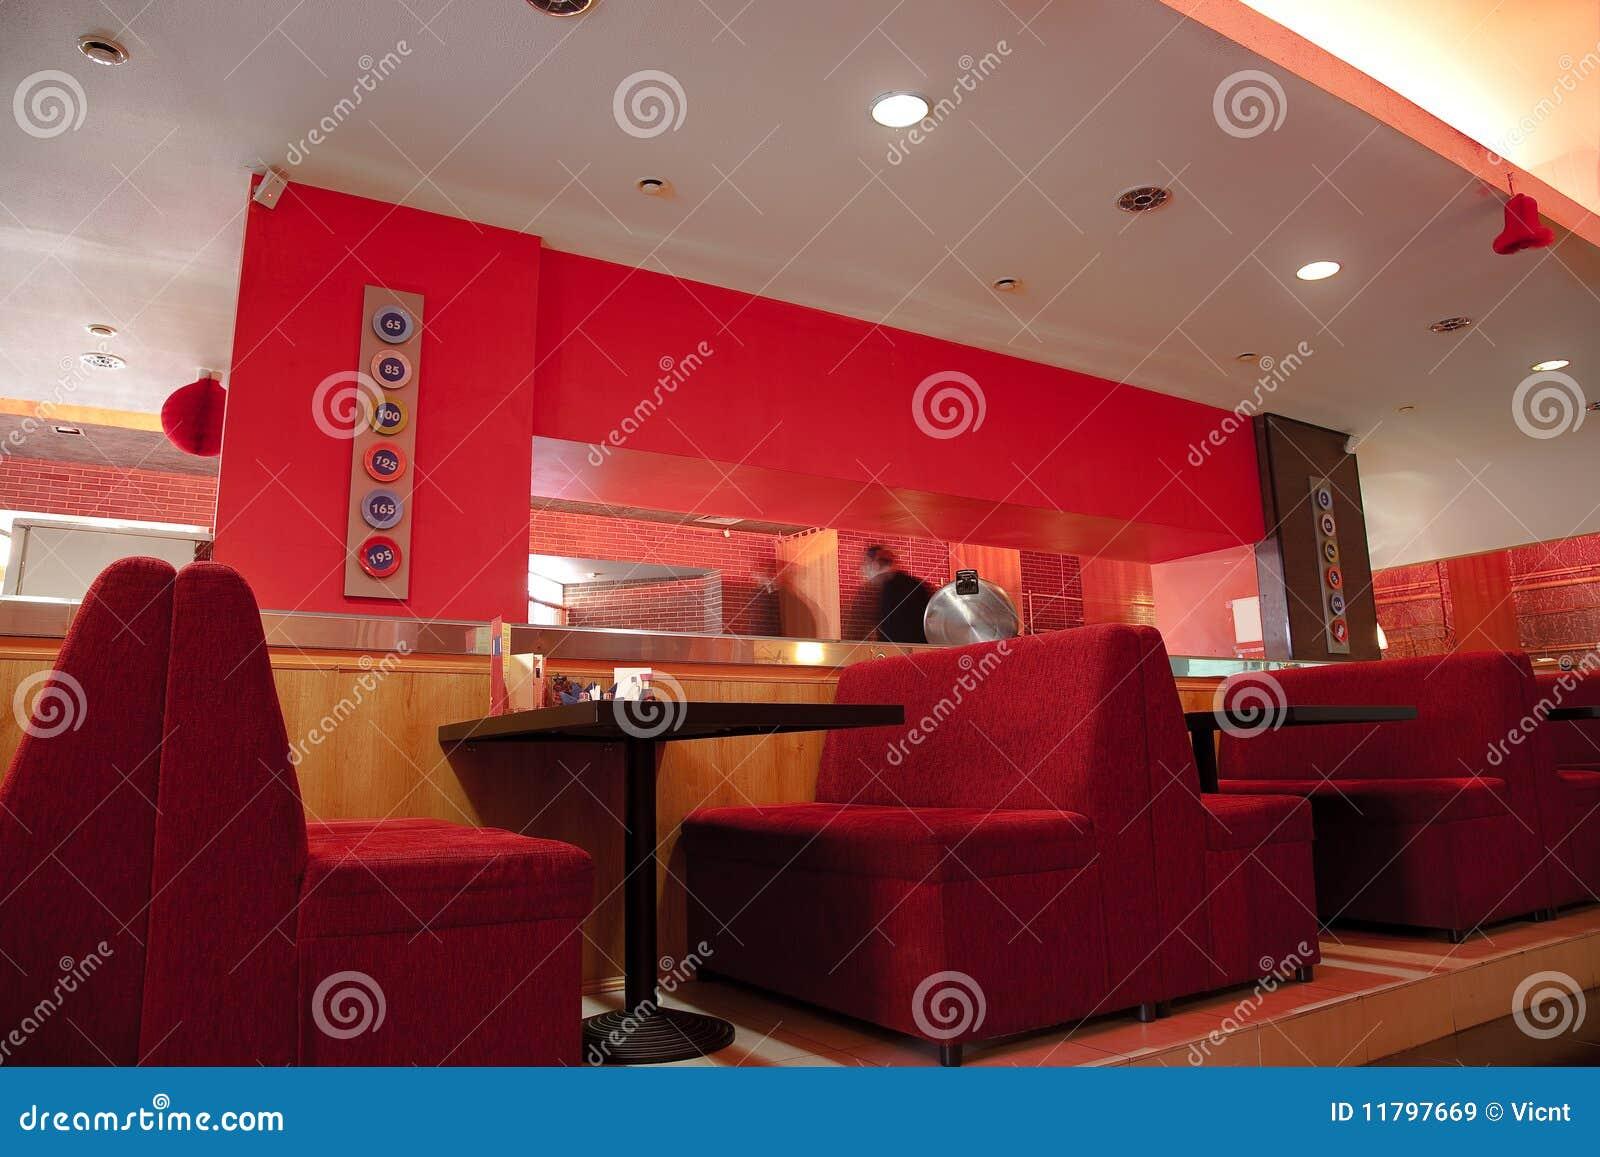 Restaurante Moderno Imagens De Stock Royalty Free Imagem